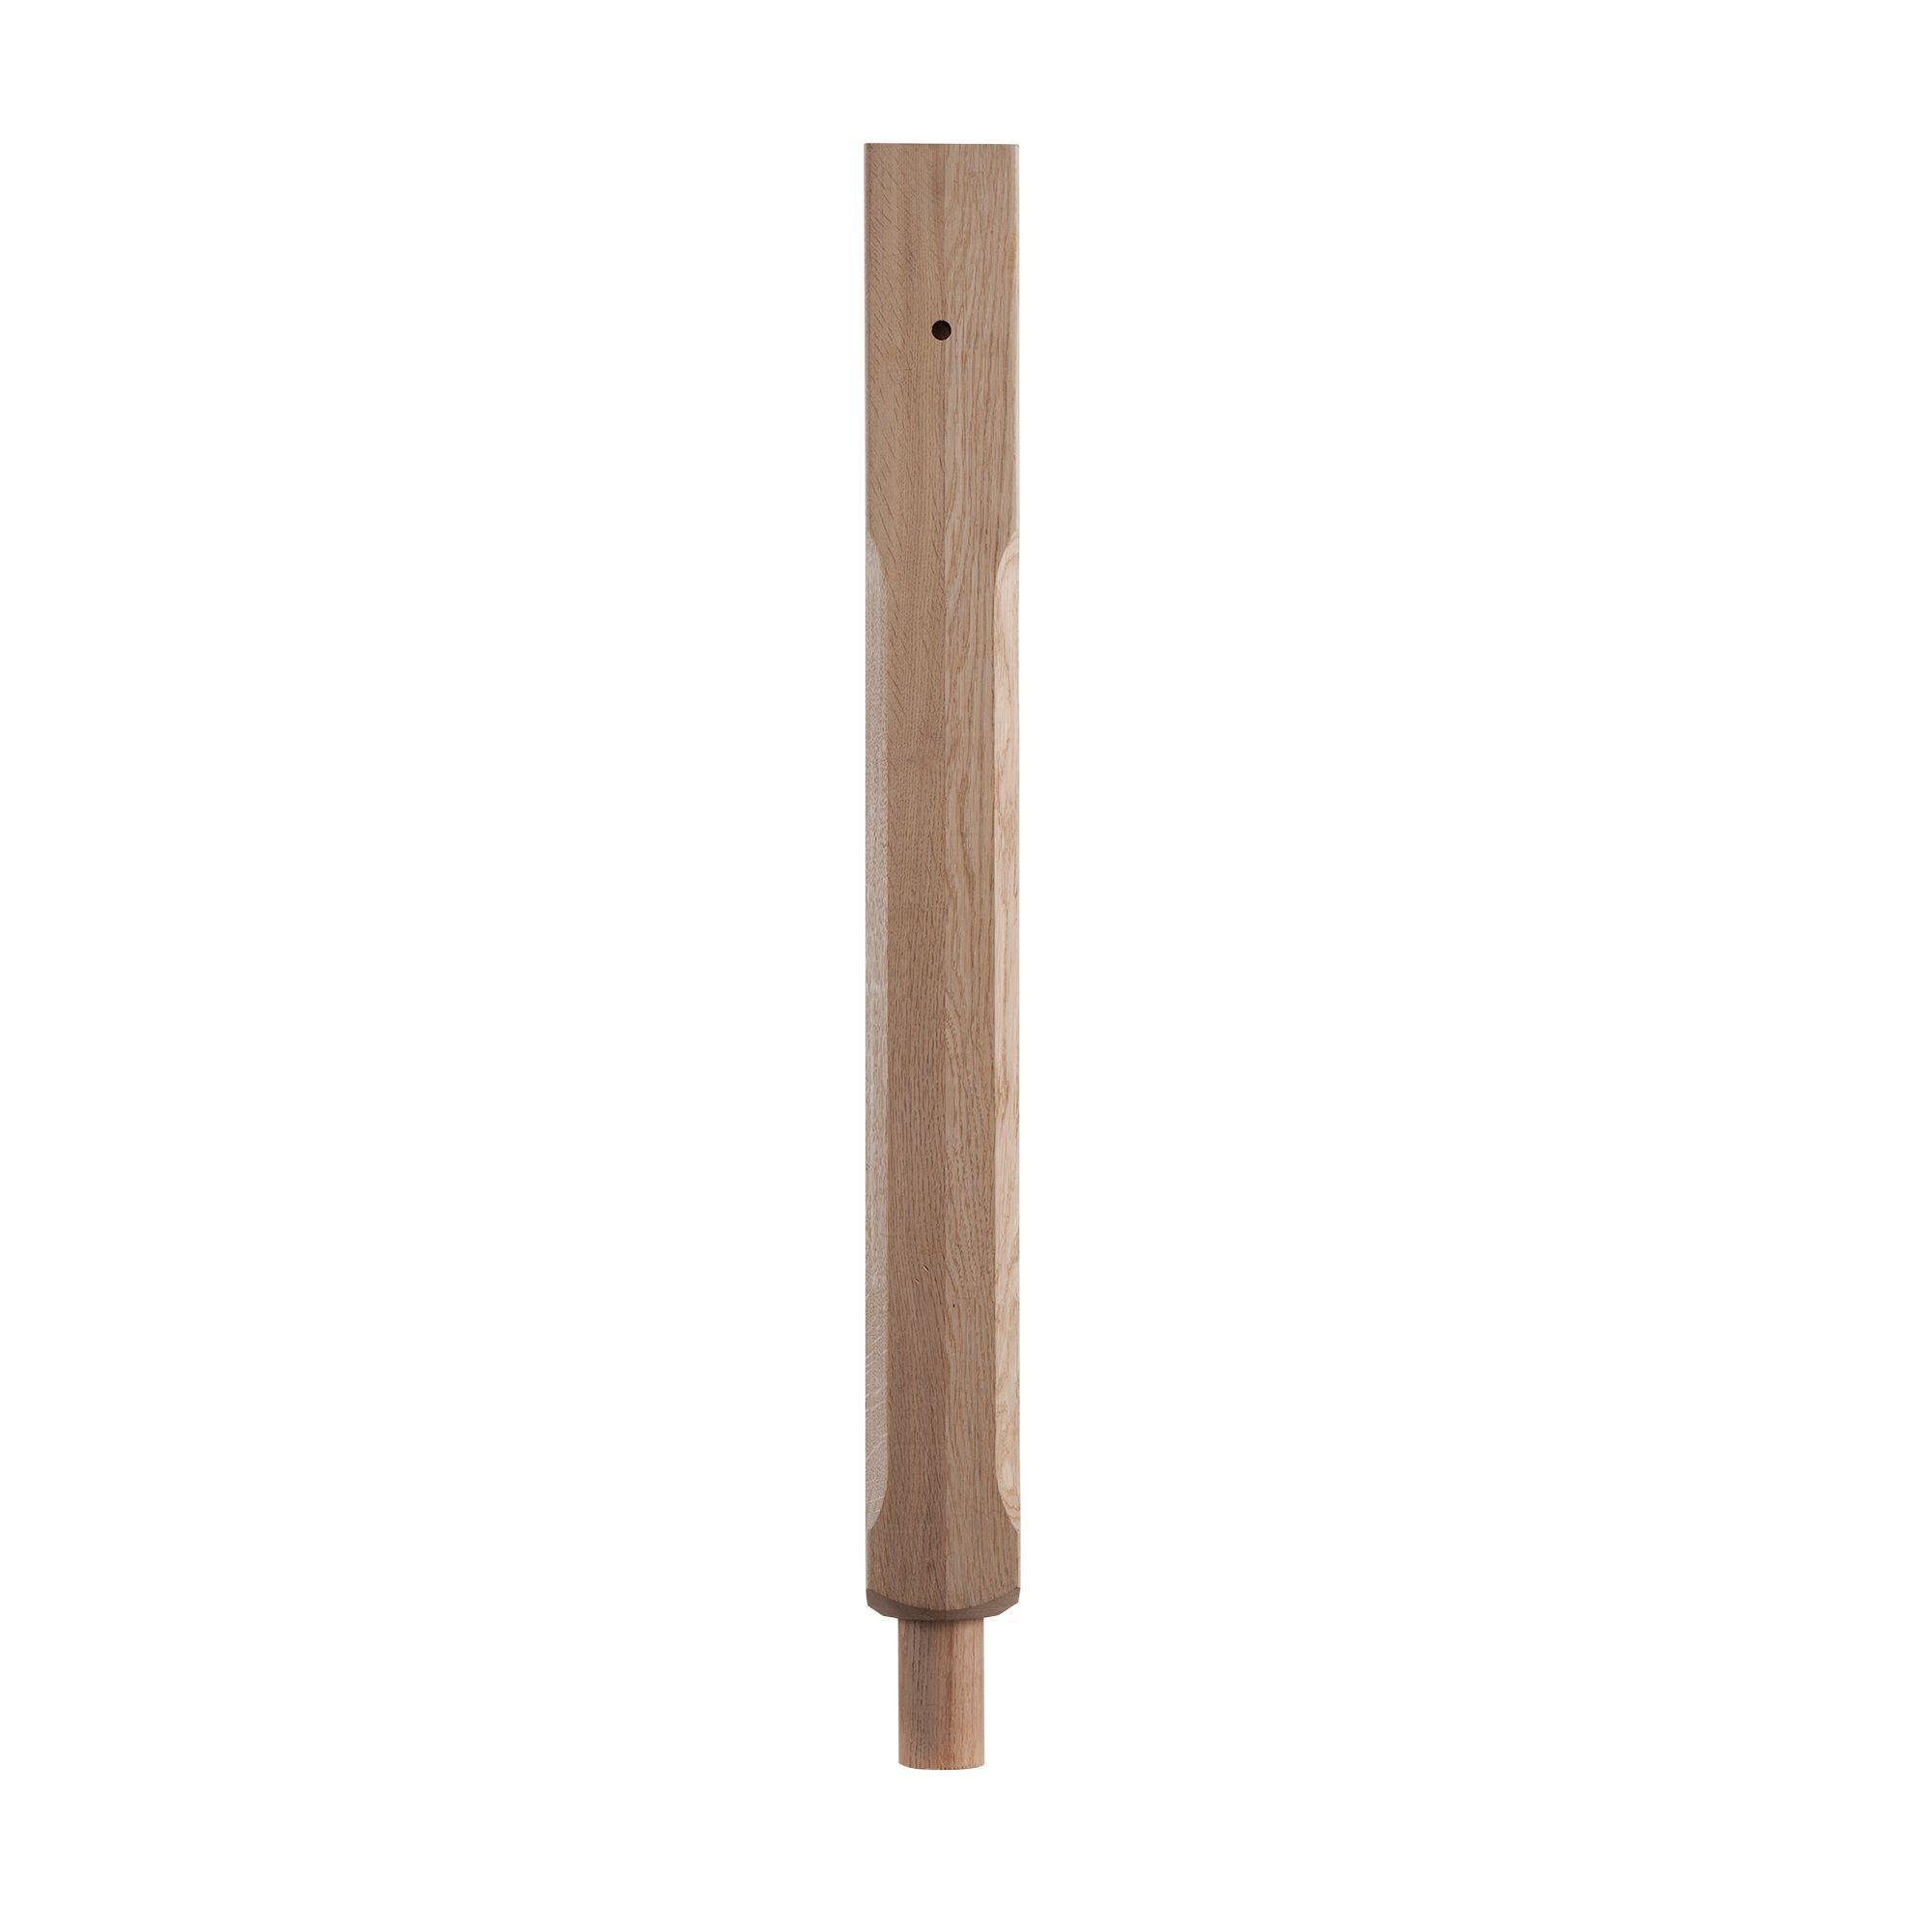 Oak Pre-drilled Stop Chamfer Half Newel Post (w)41mm (l)725mm